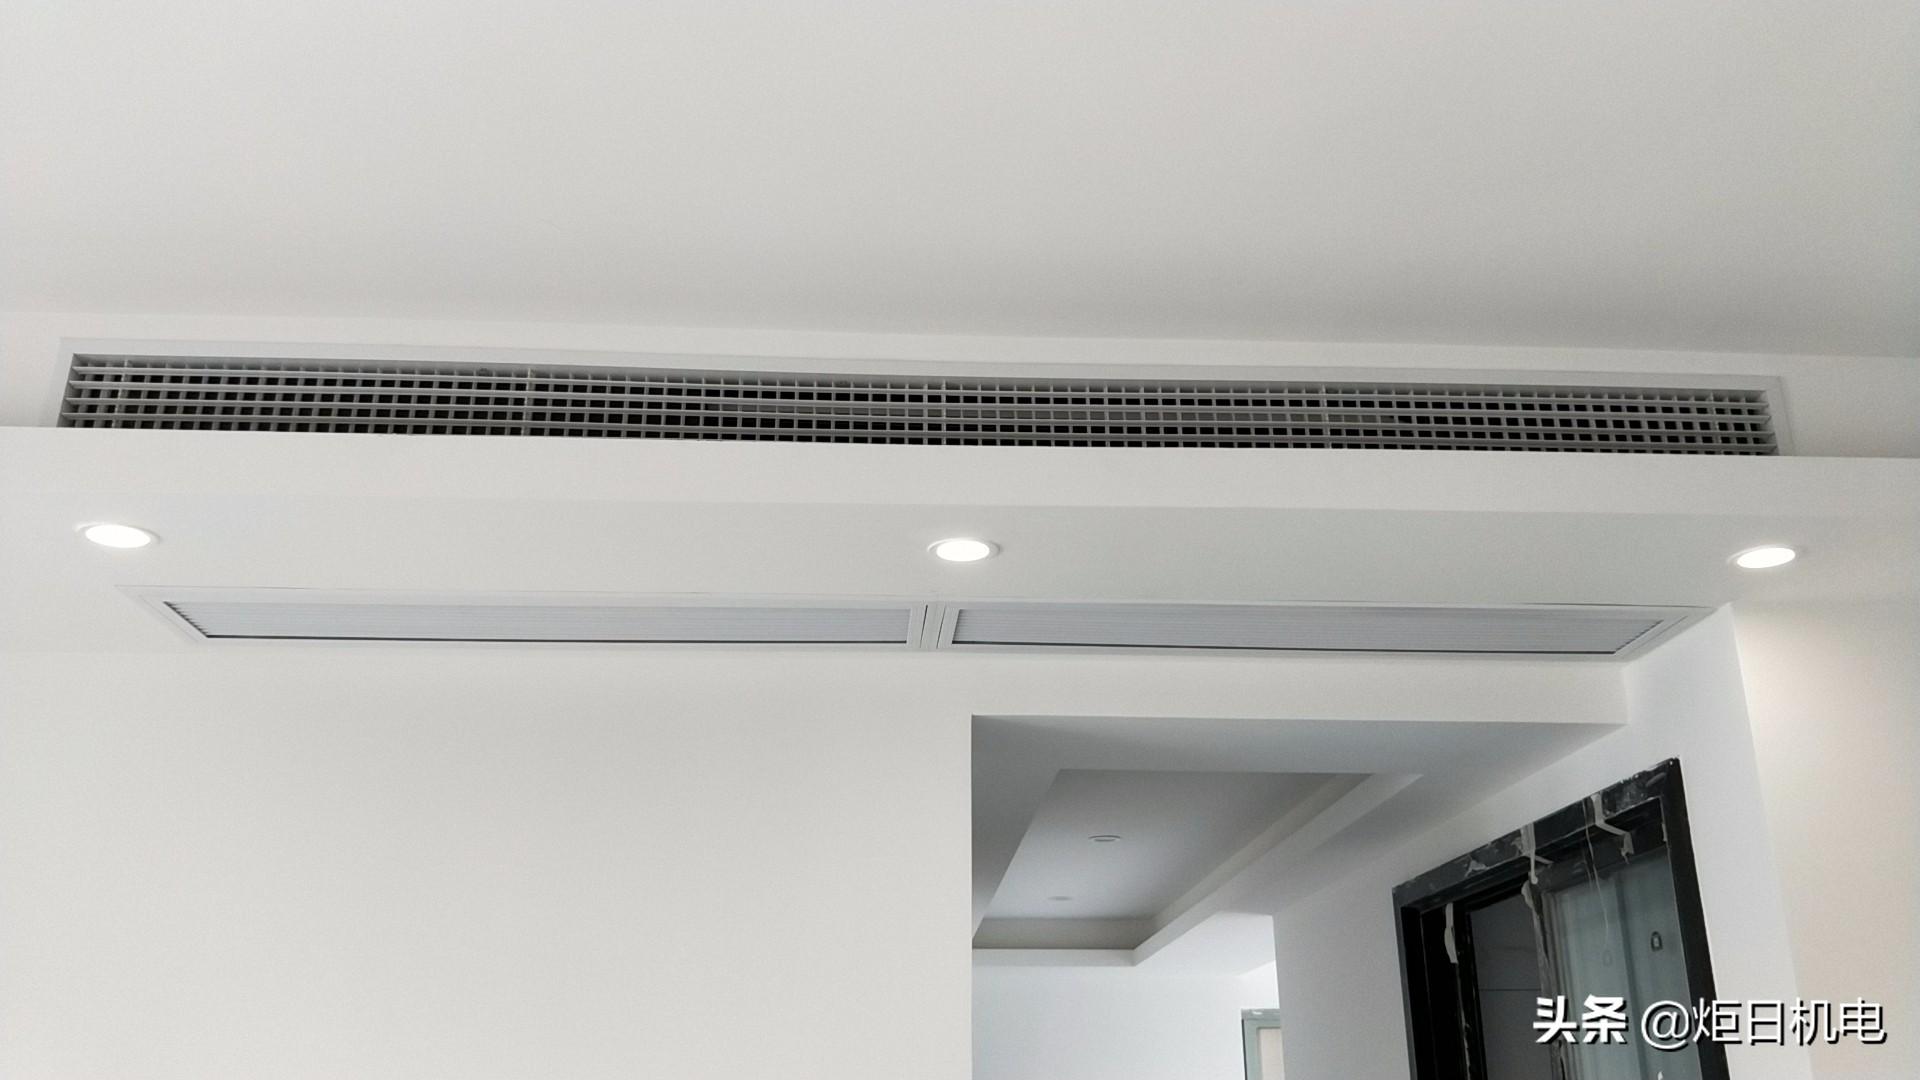 家里装中央空调好呢还是装挂式空调好?小立来告诉你